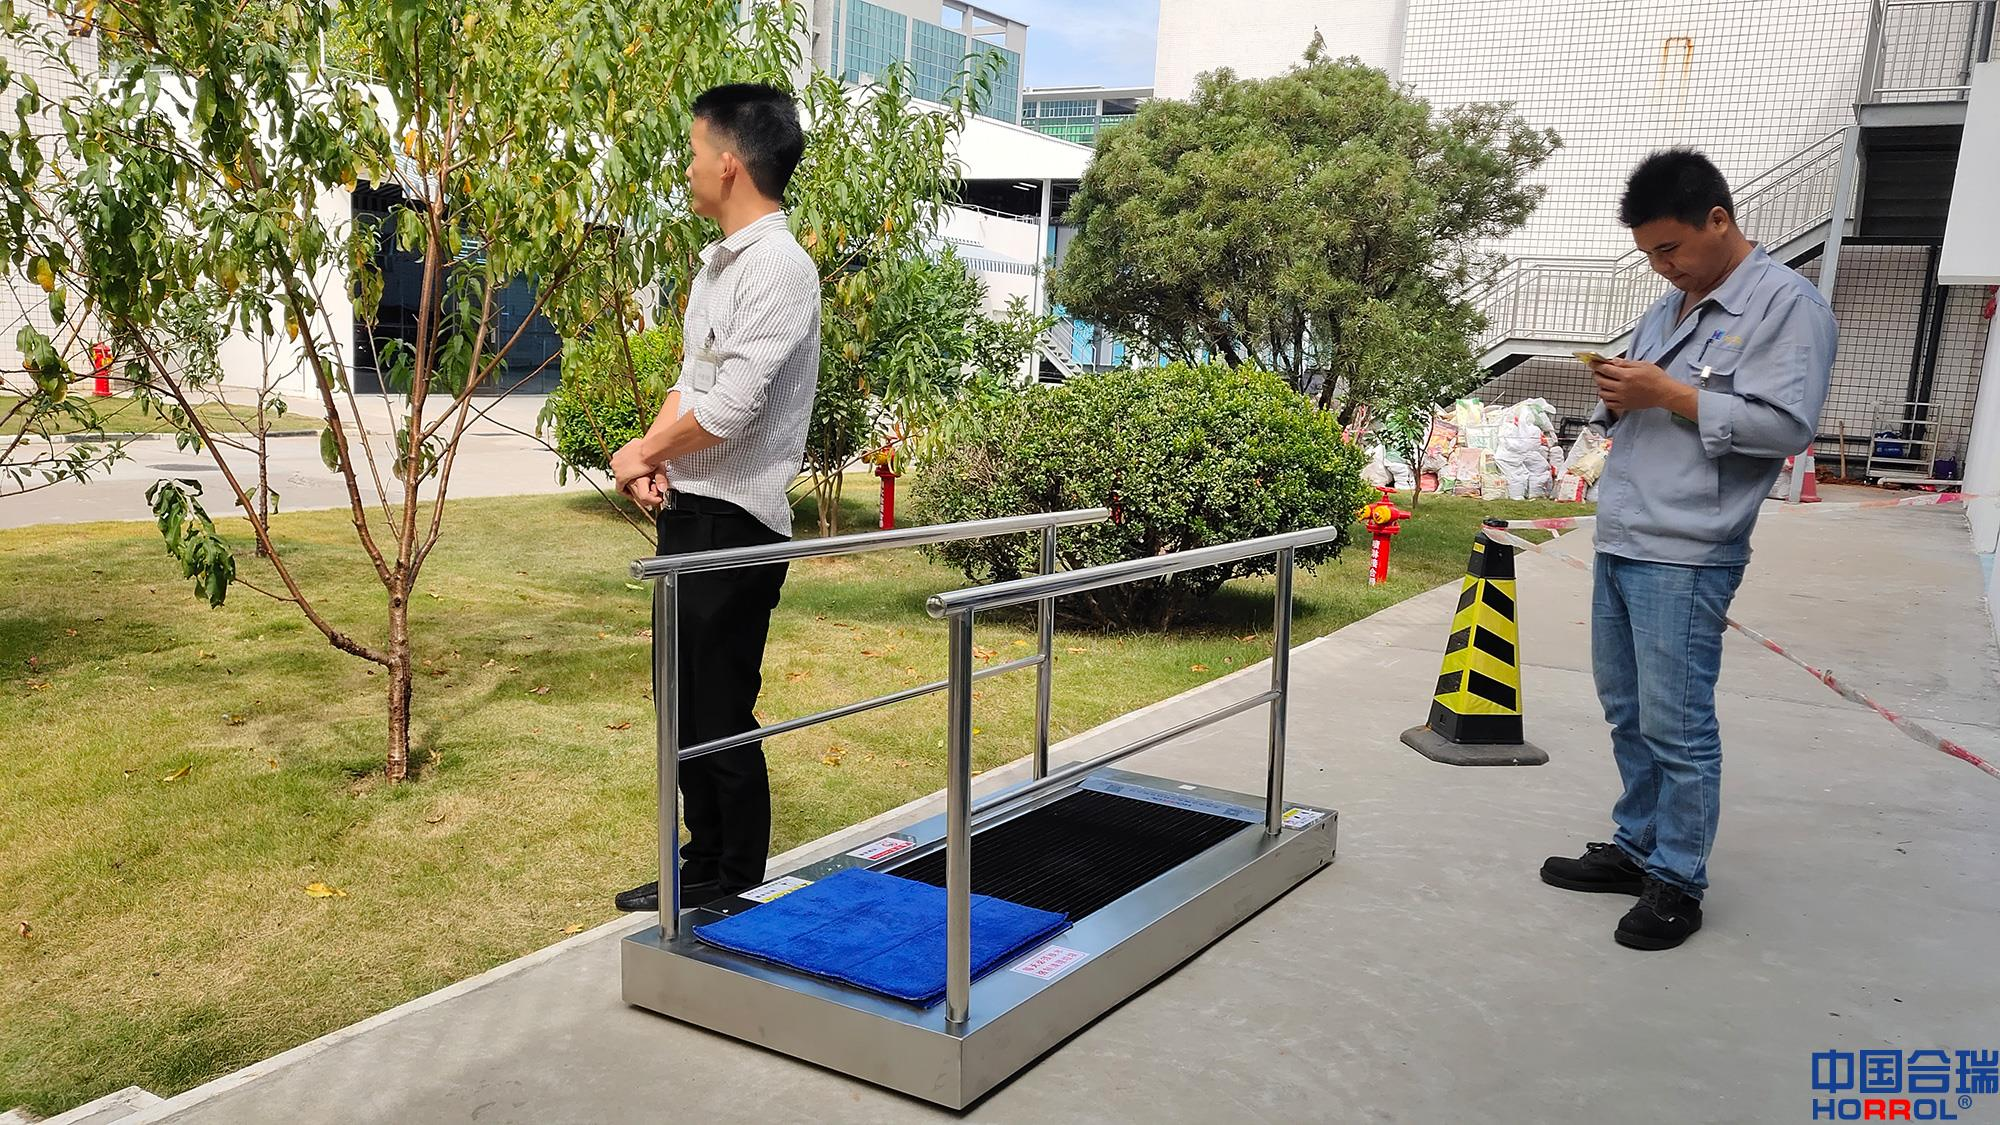 中国合瑞鞋底清洁机鞋底清洗机厂家-5